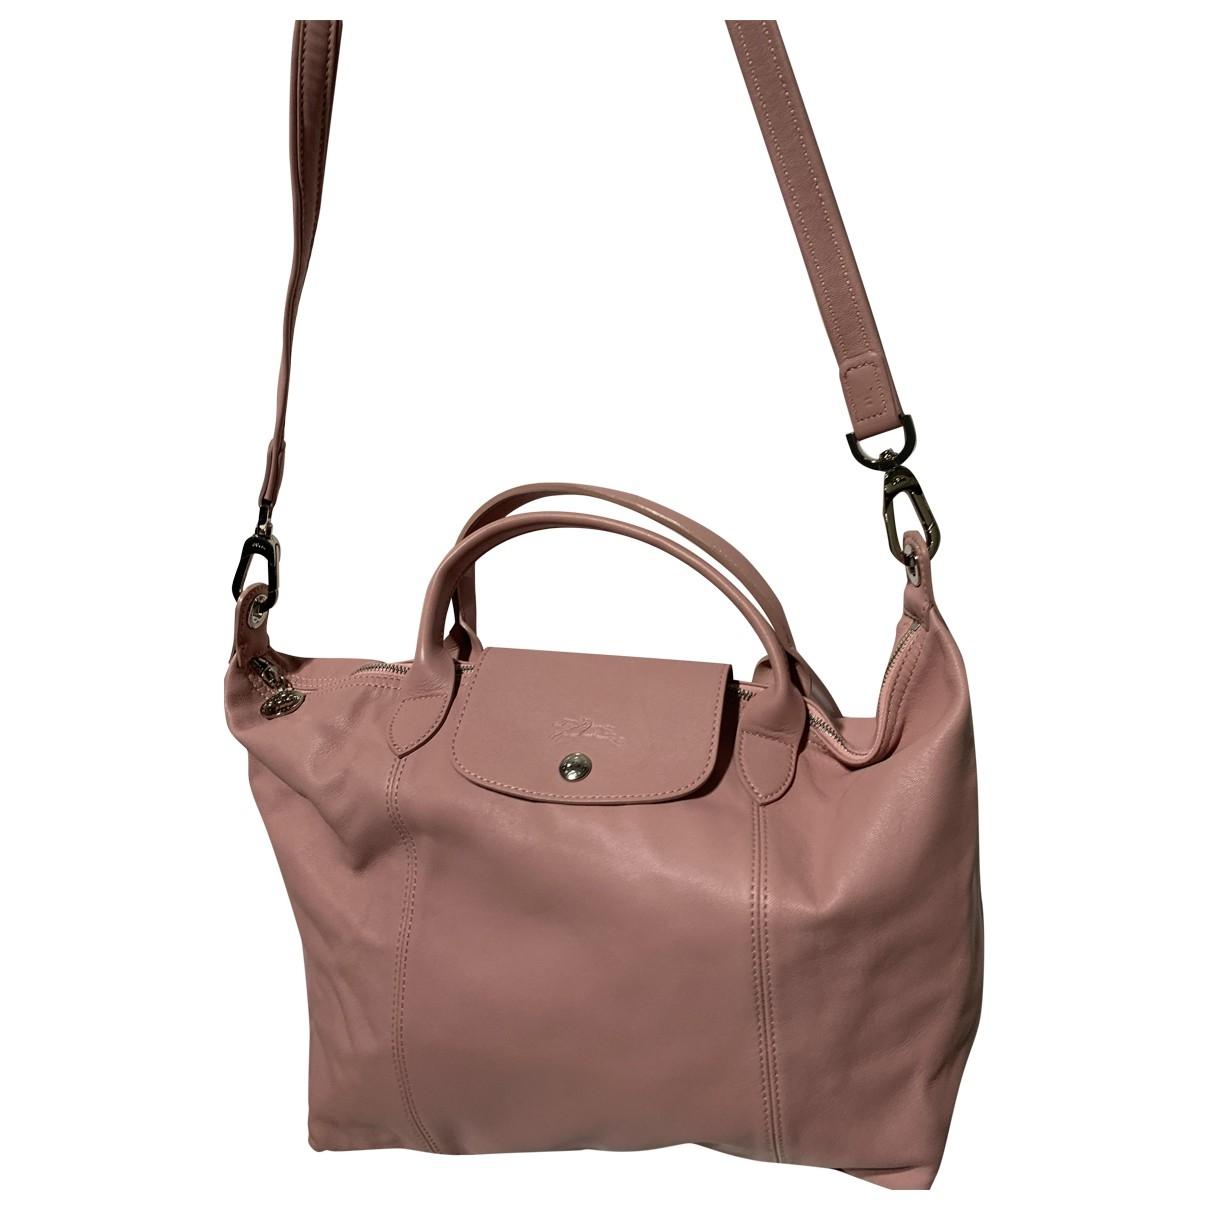 Longchamp \N Handtasche in  Rosa Leder